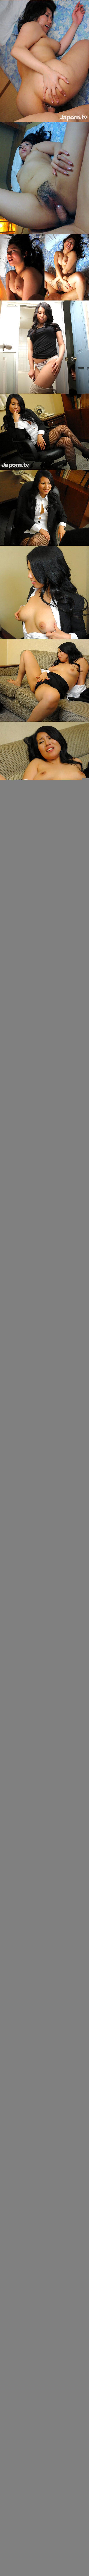 [DVD][BT 65] 禁断肉親姦 : 坂田美影 坂田美影 Miei Sakata BT